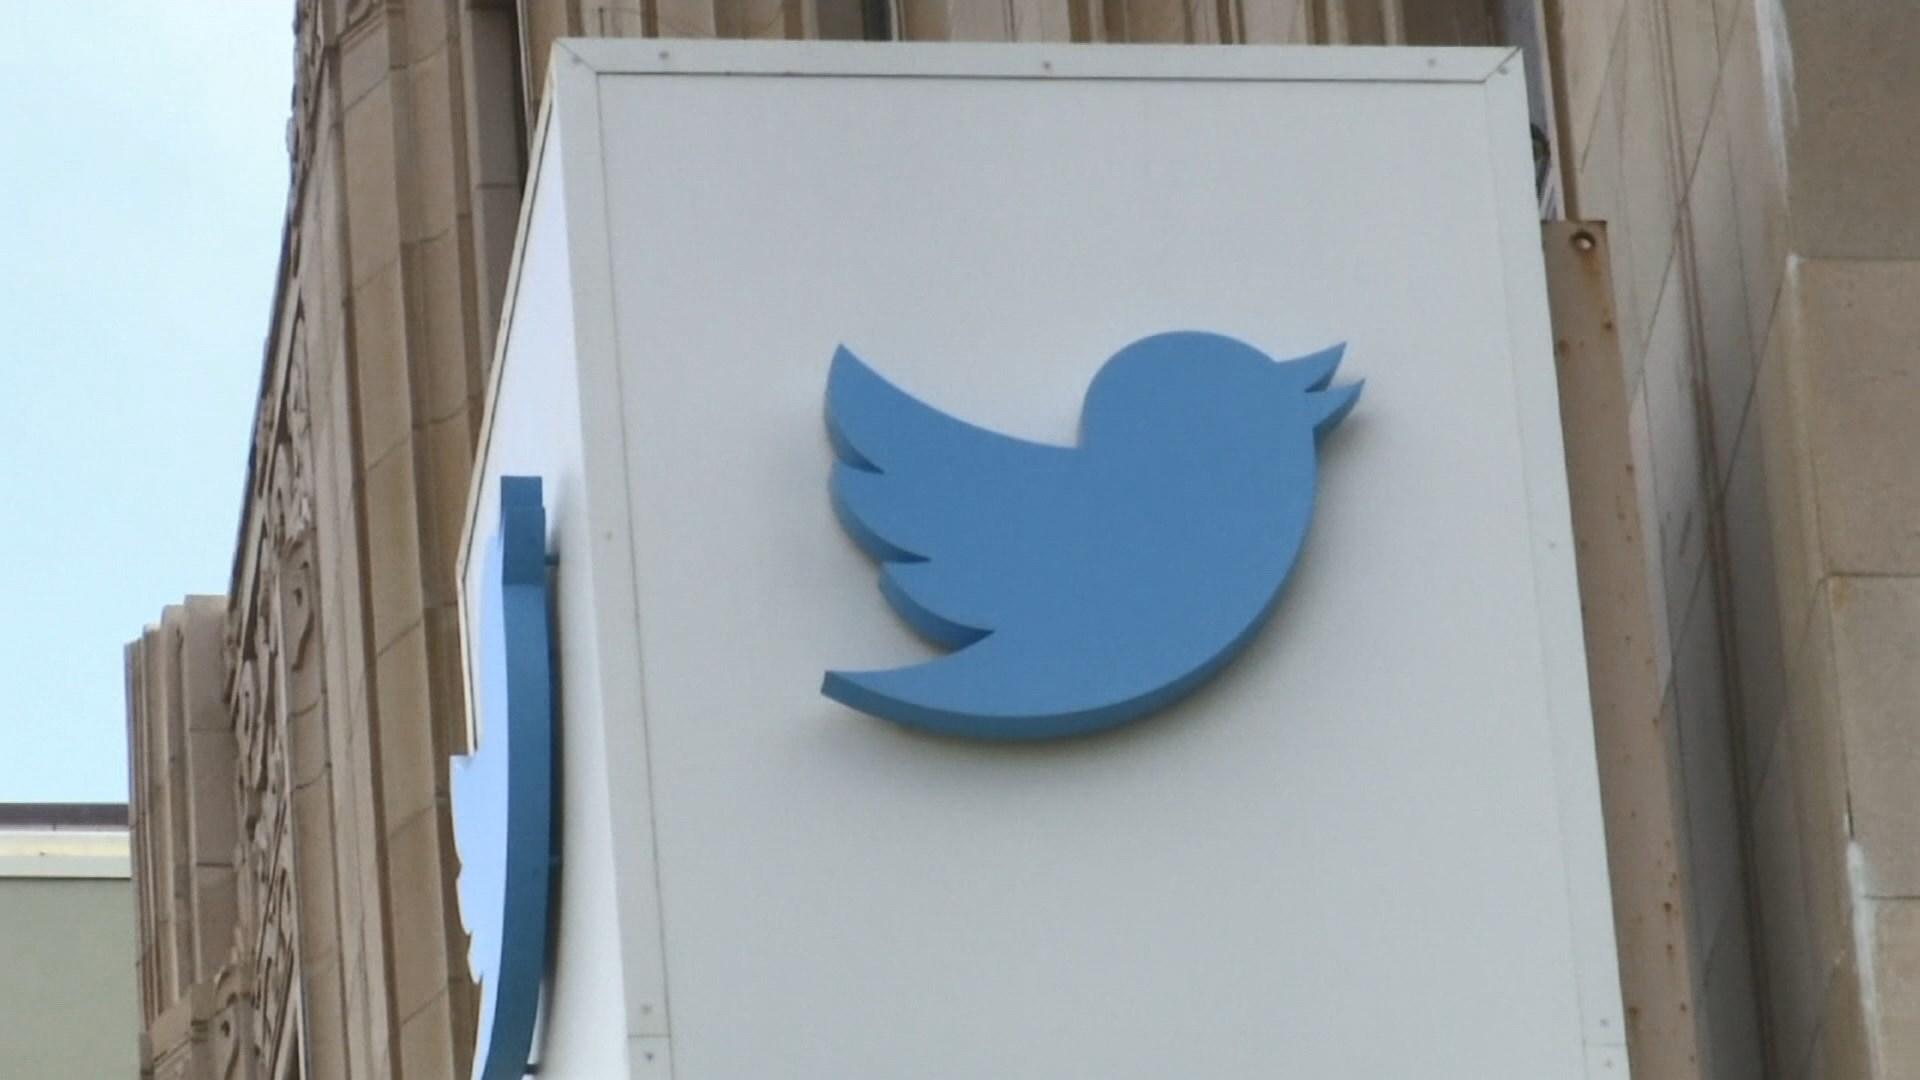 特朗普Twitter封鎖反對者違憲 上訴庭維持原判